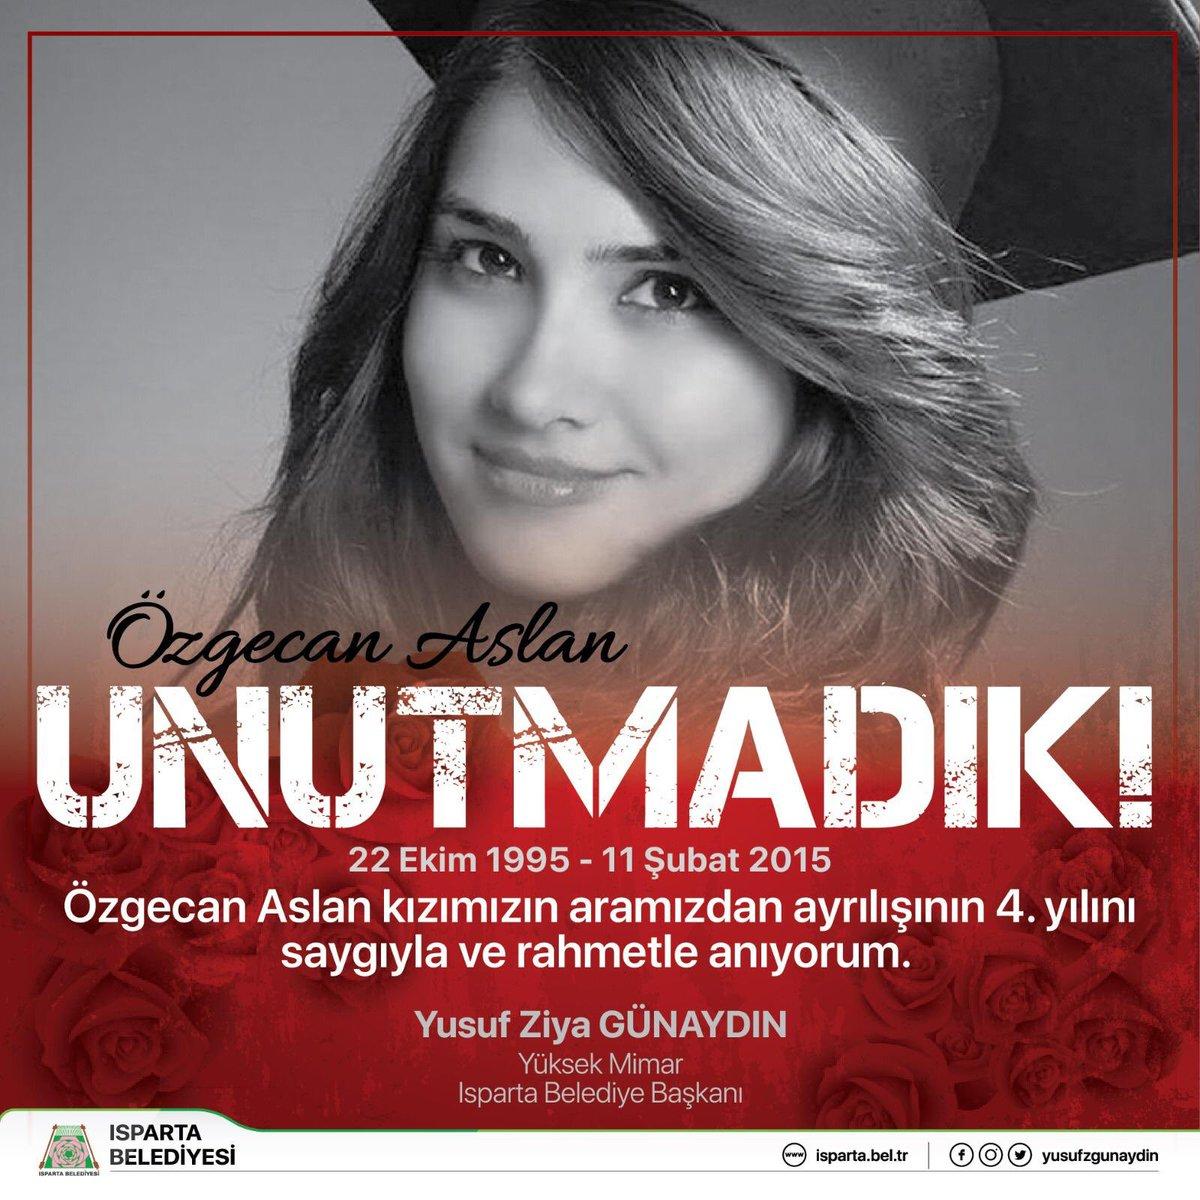 Özgecan Aslan; UNUTMADIK #ÖzgecanAslan